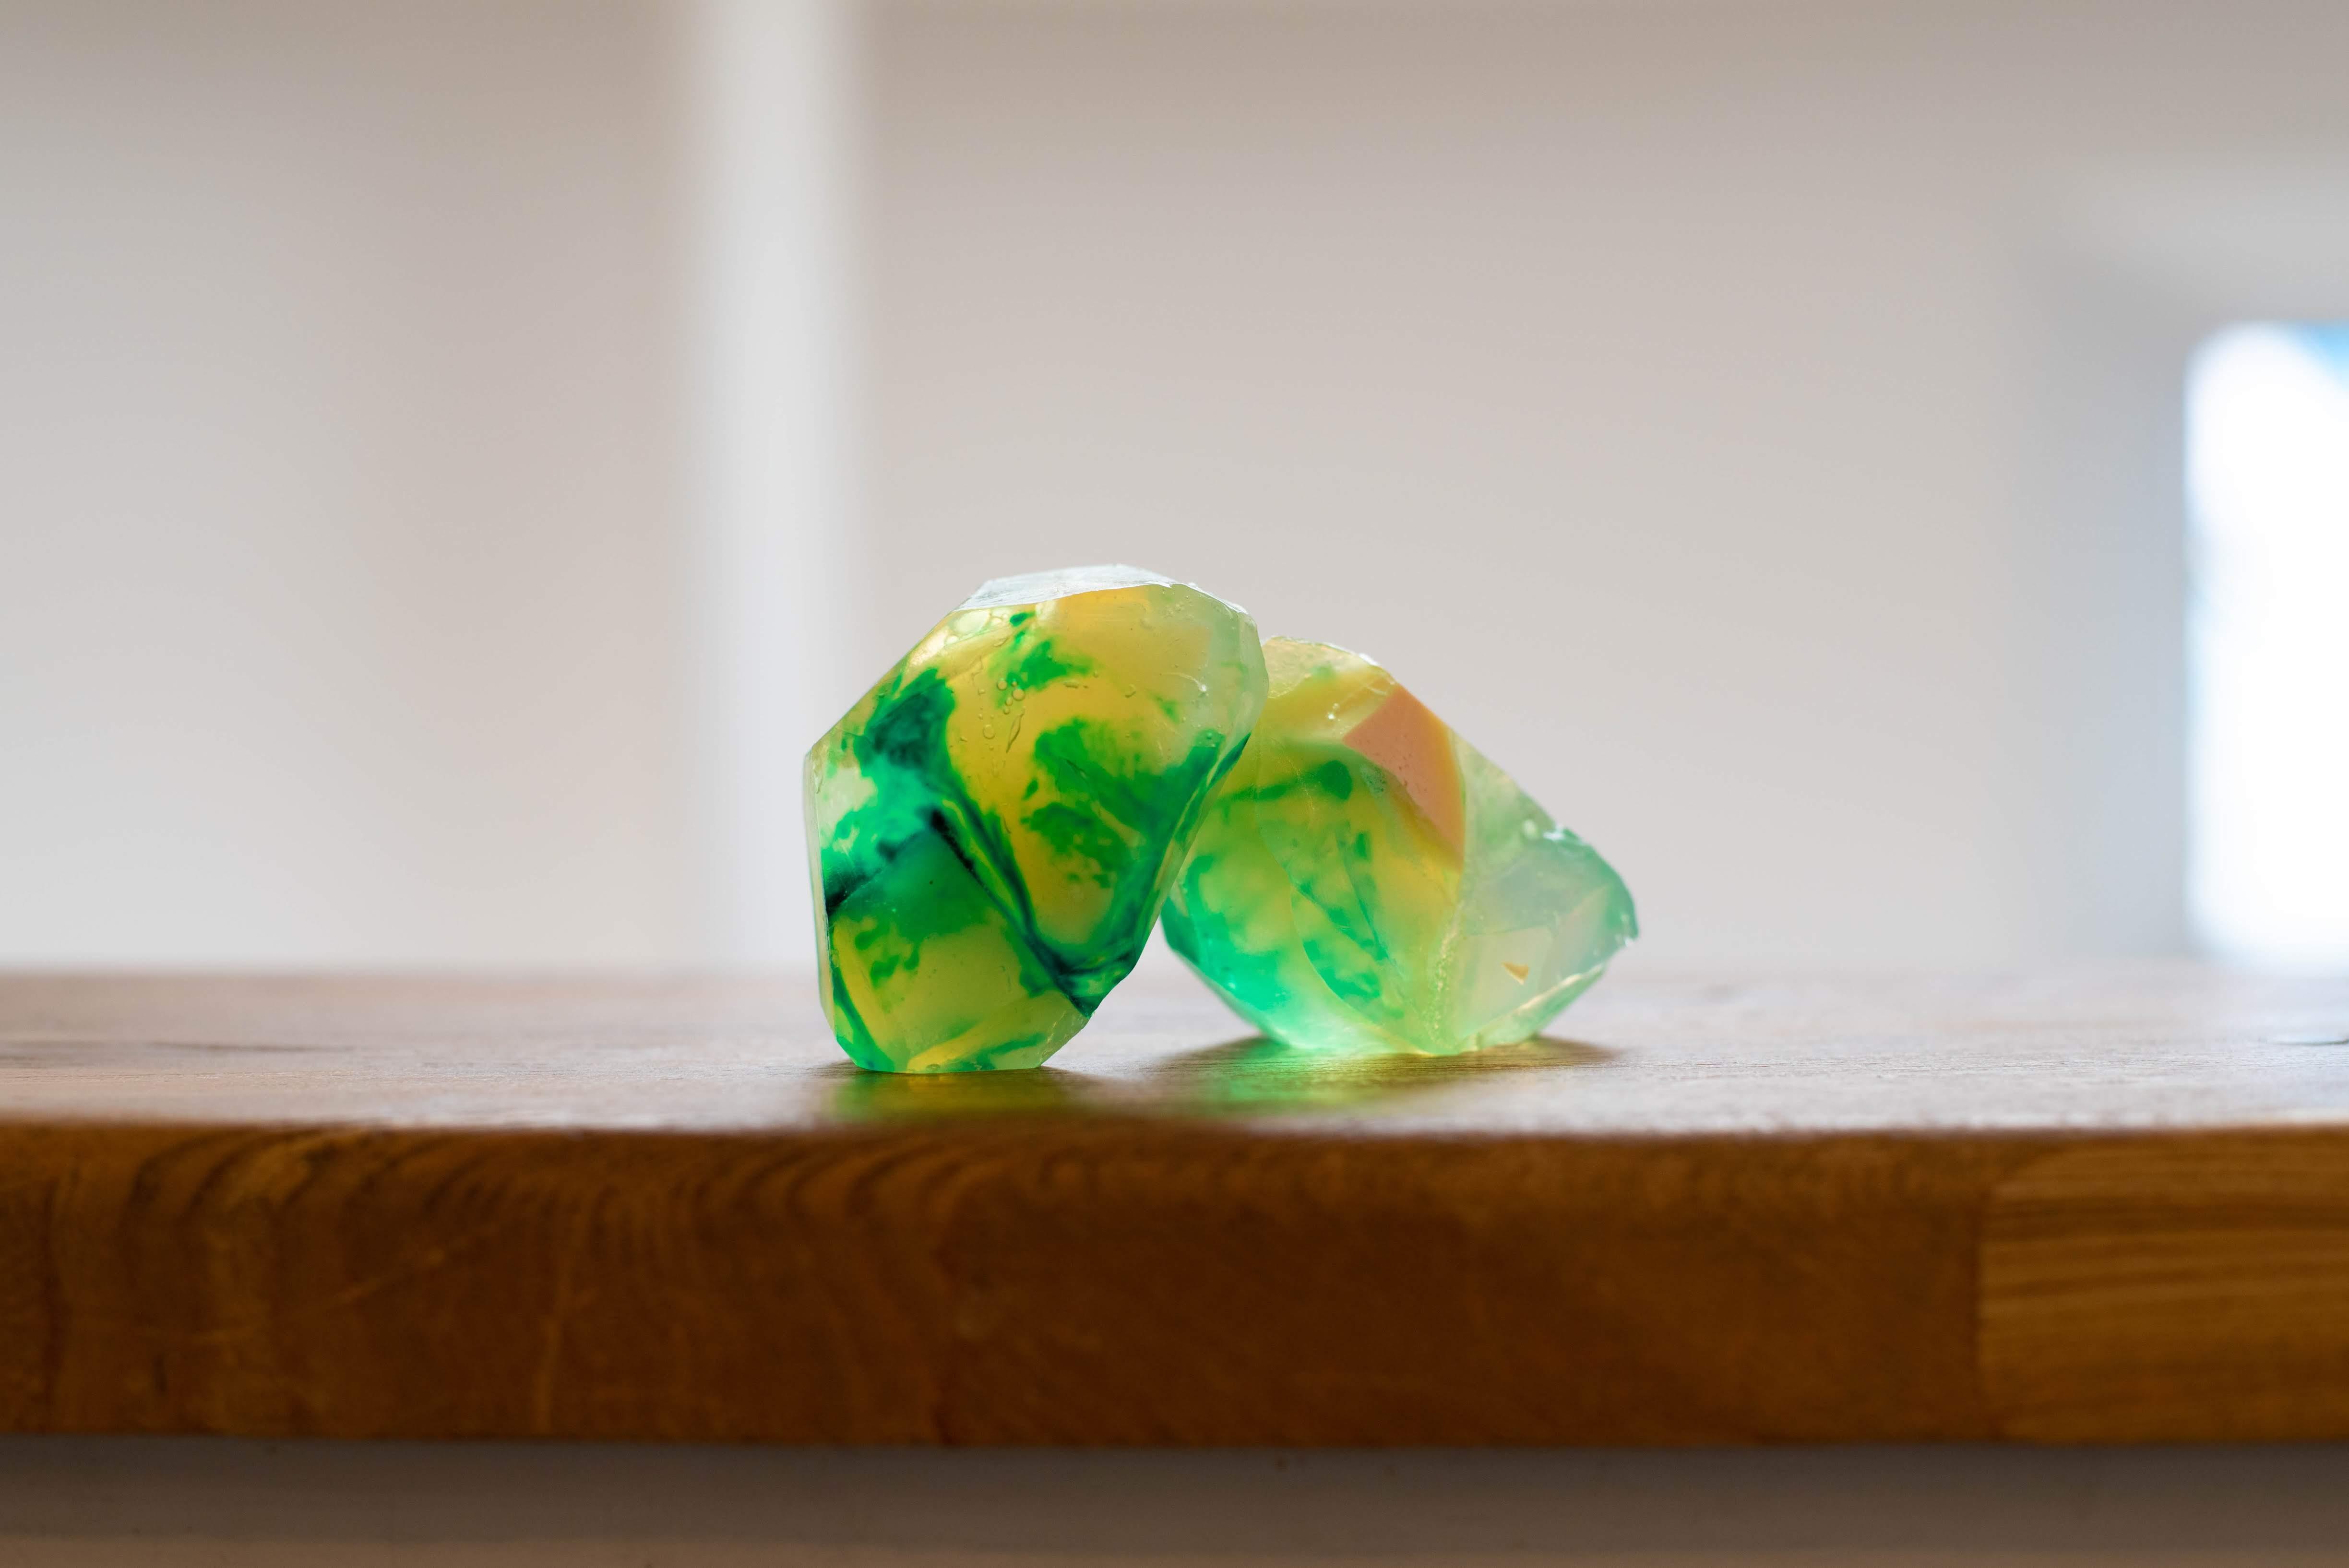 宝石石鹸の光